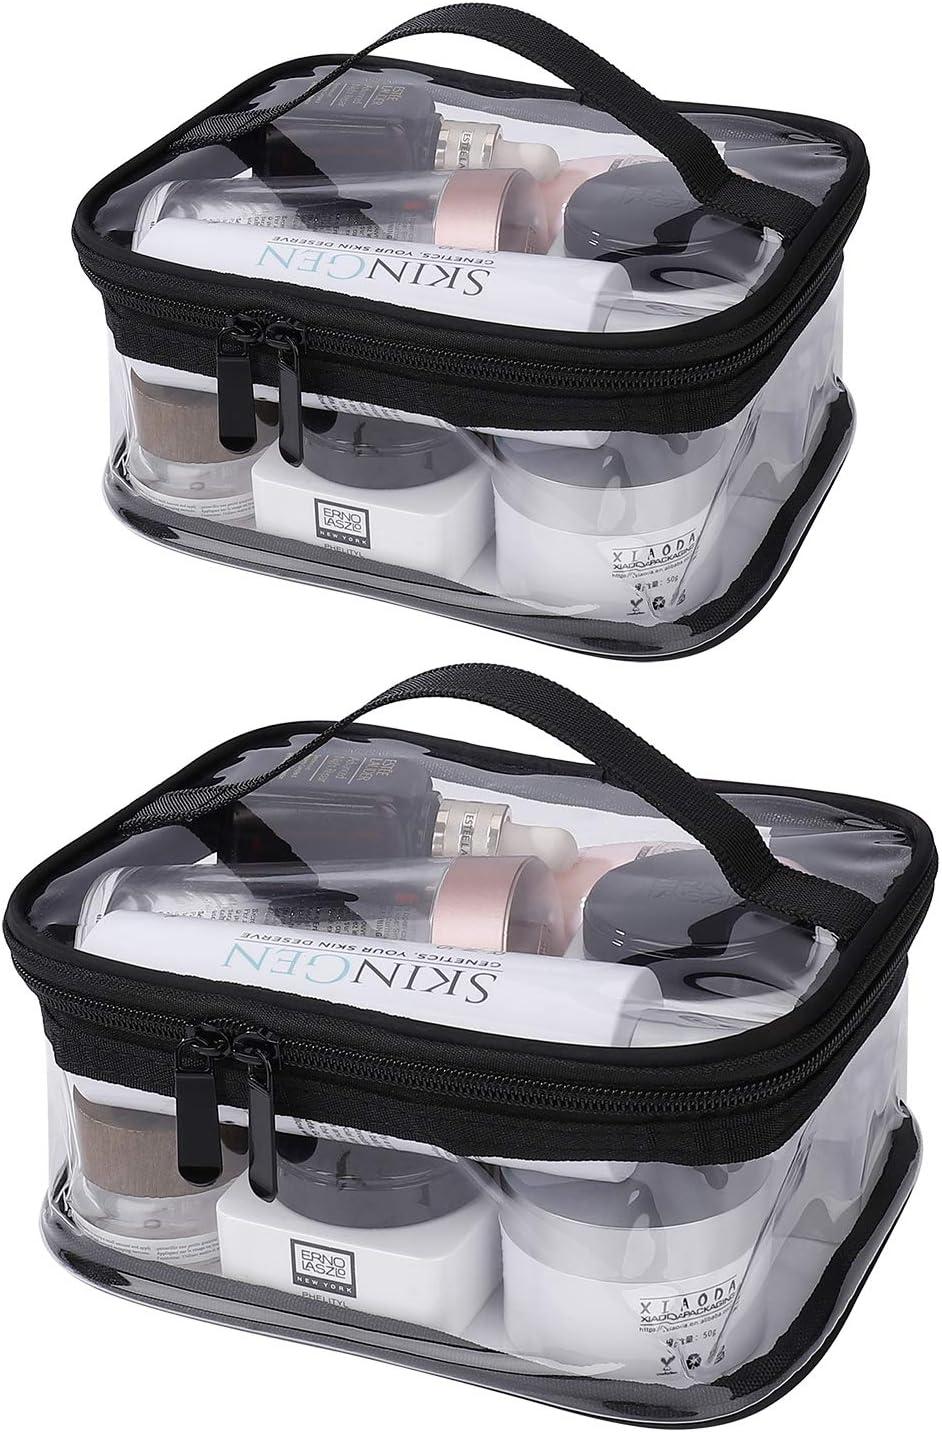 2 Pi/èces Trousse de Maquillage Transparente Trousse de Toilette en PVC Imperm/éable Pochette Sac Cosm/étique de Voyage Portable pour Hommes et Femmes Moyen, Grand